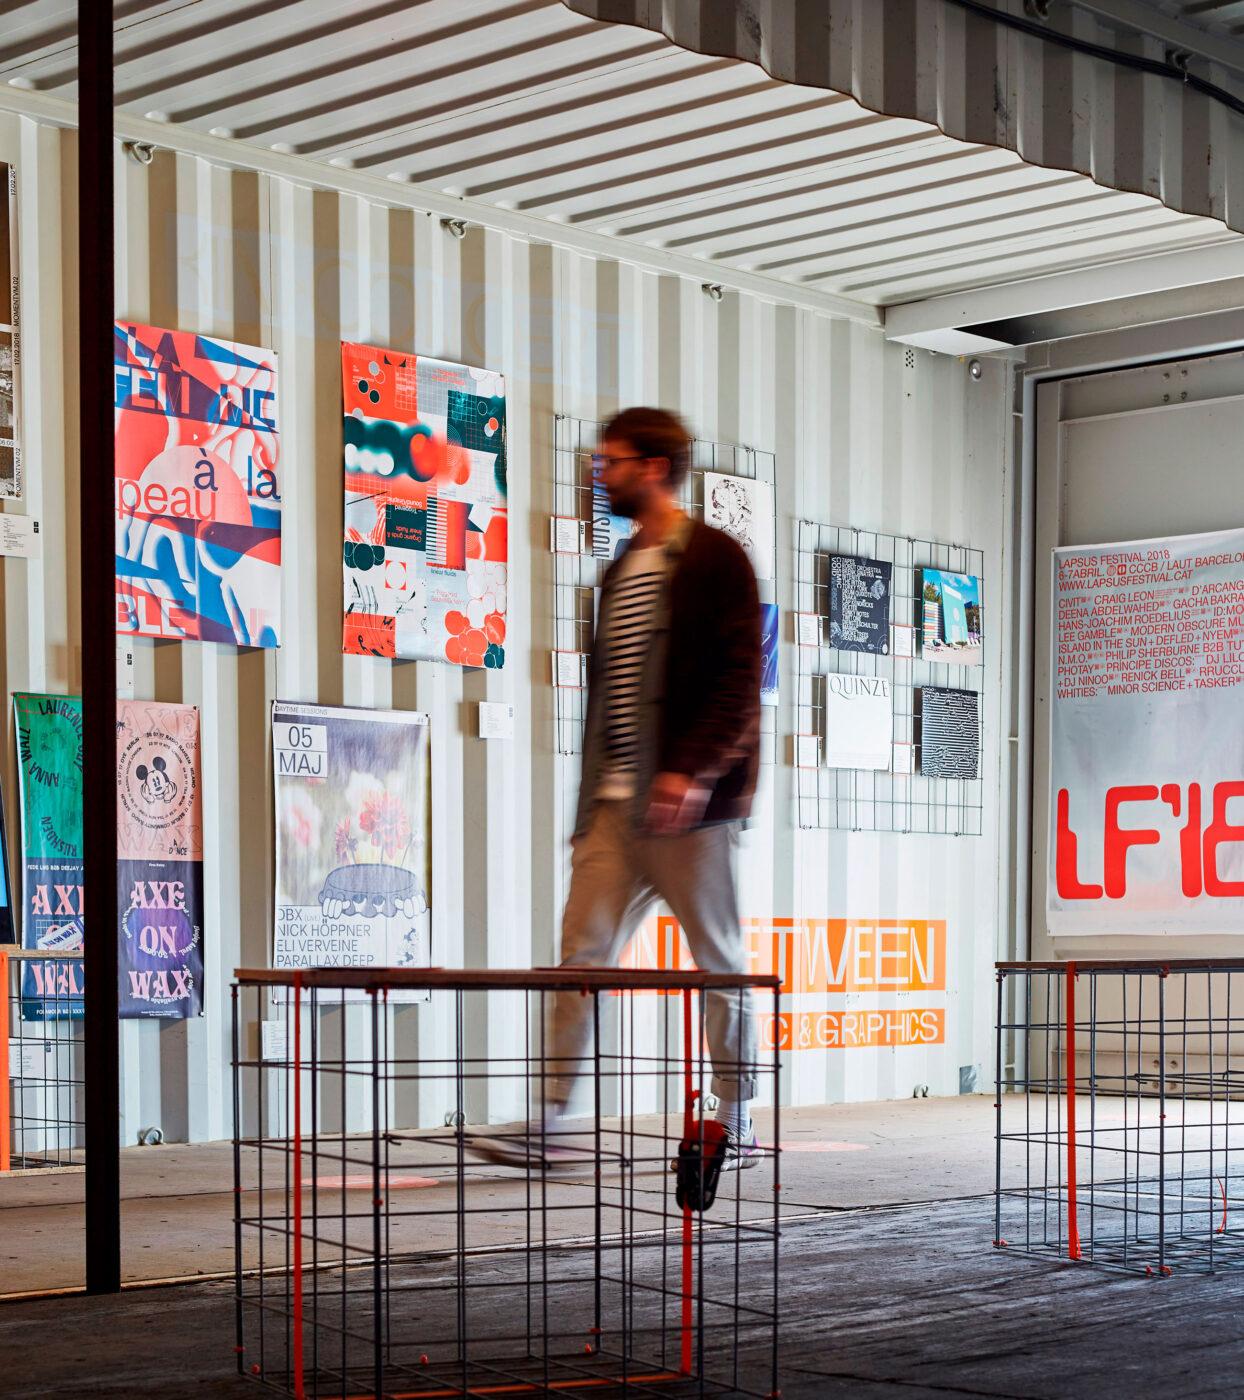 vinyl und plakat Ausstellung in hamburg 2020 von Bareis und Nicolaus